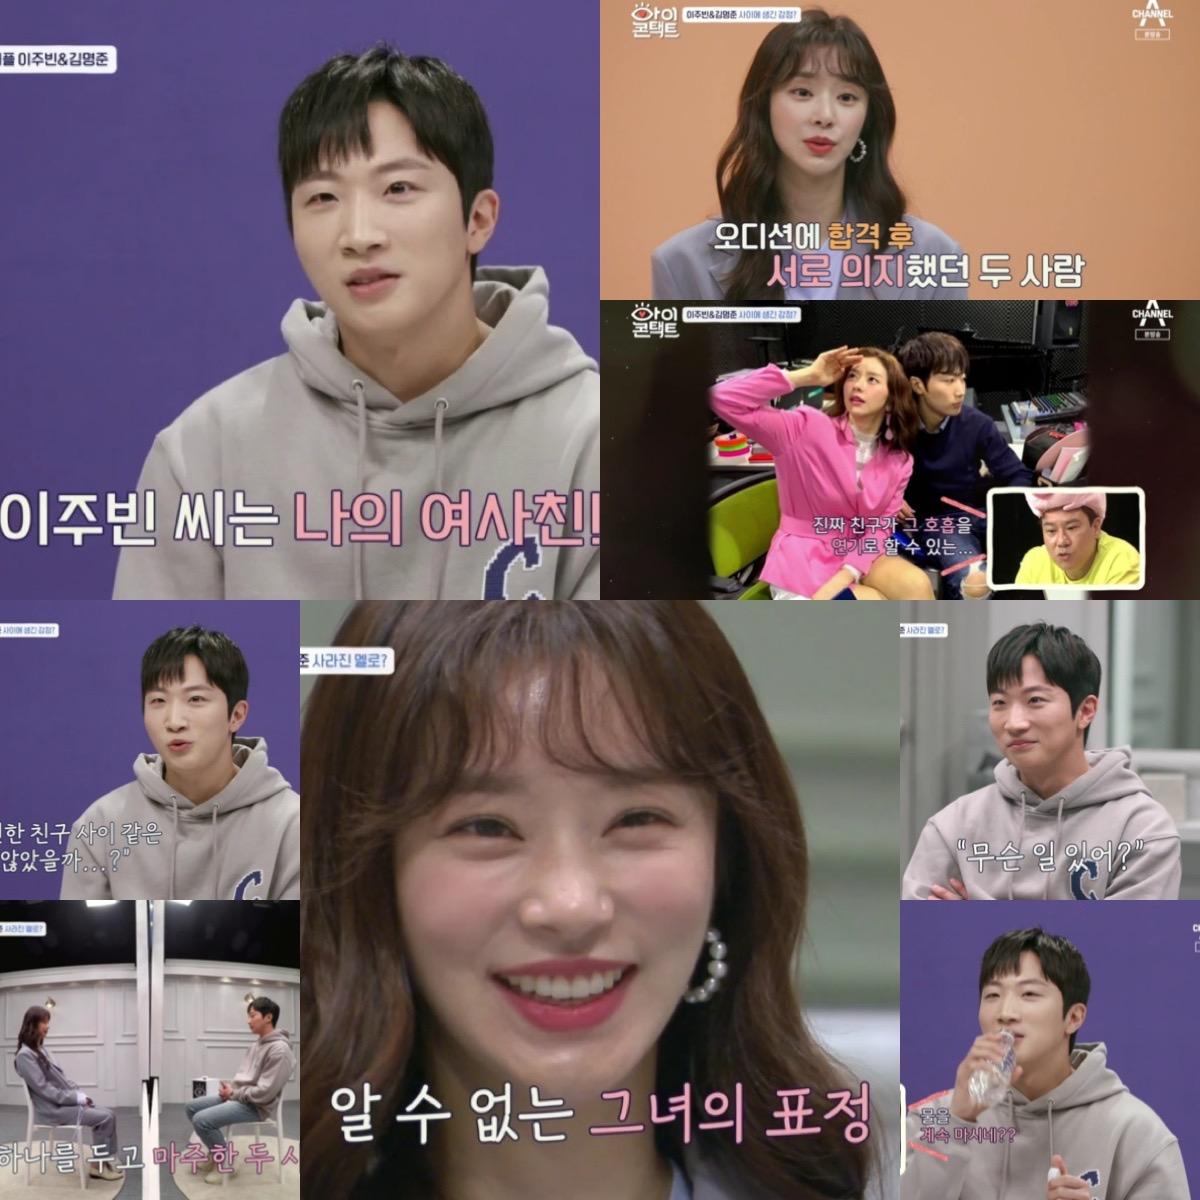 """'아이콘택트' 김명준, 이주빈에 복잡미묘 속마음 고백 """"왜 요즘 연락 뜸해?"""""""